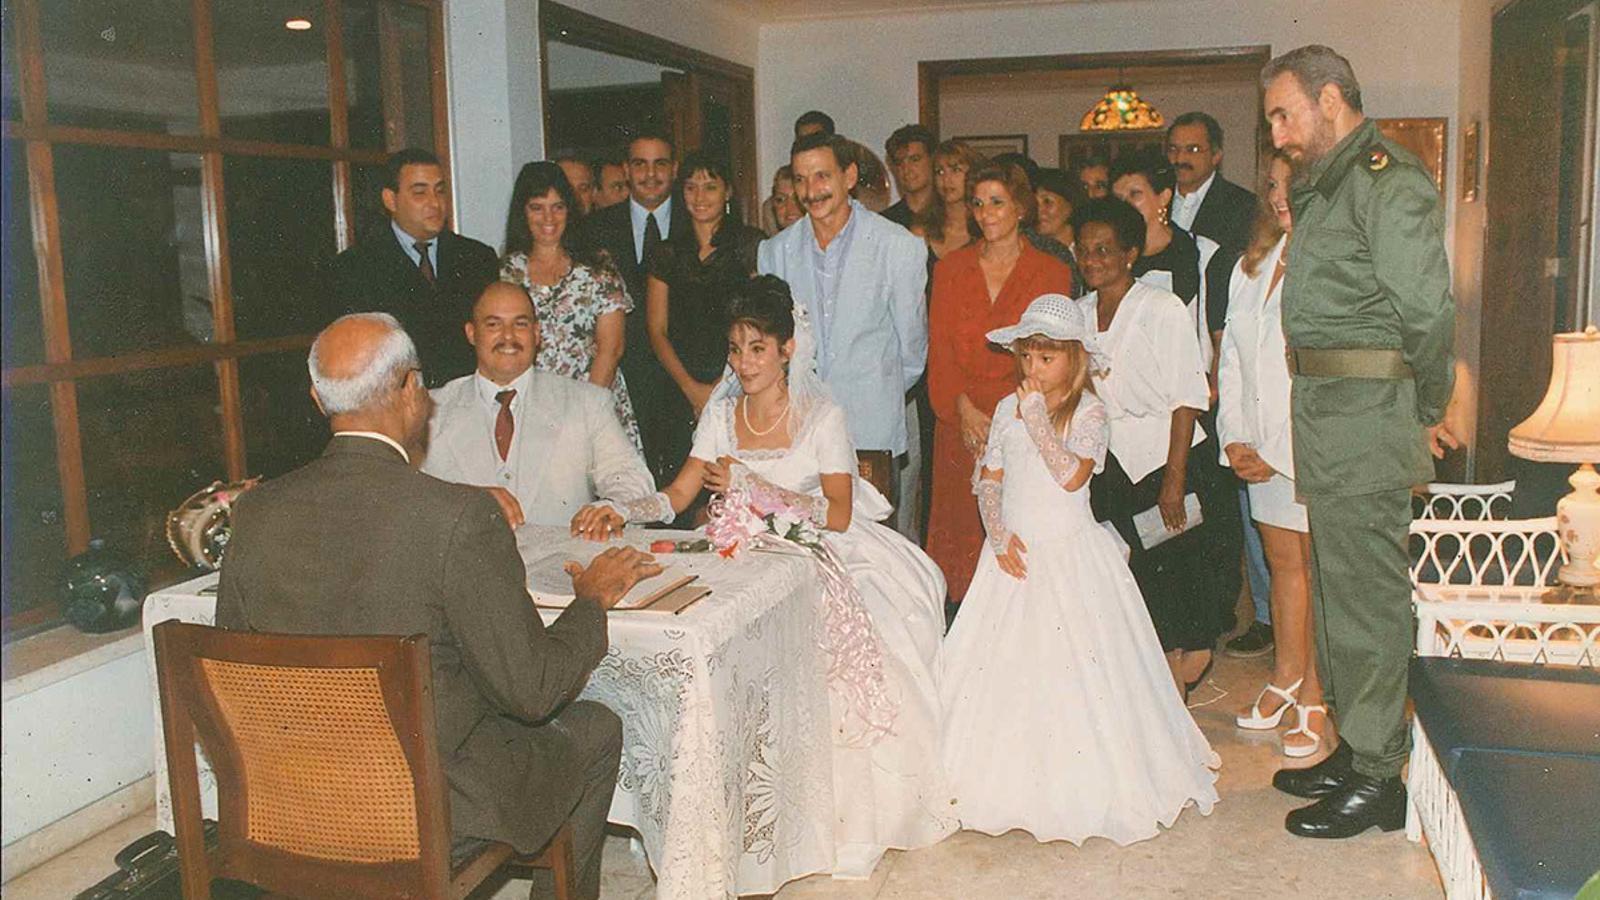 Alex Castro (assegut i vestit de gris) es va casar amb Idalmis Menéndez en la intimitat de Punto Cero